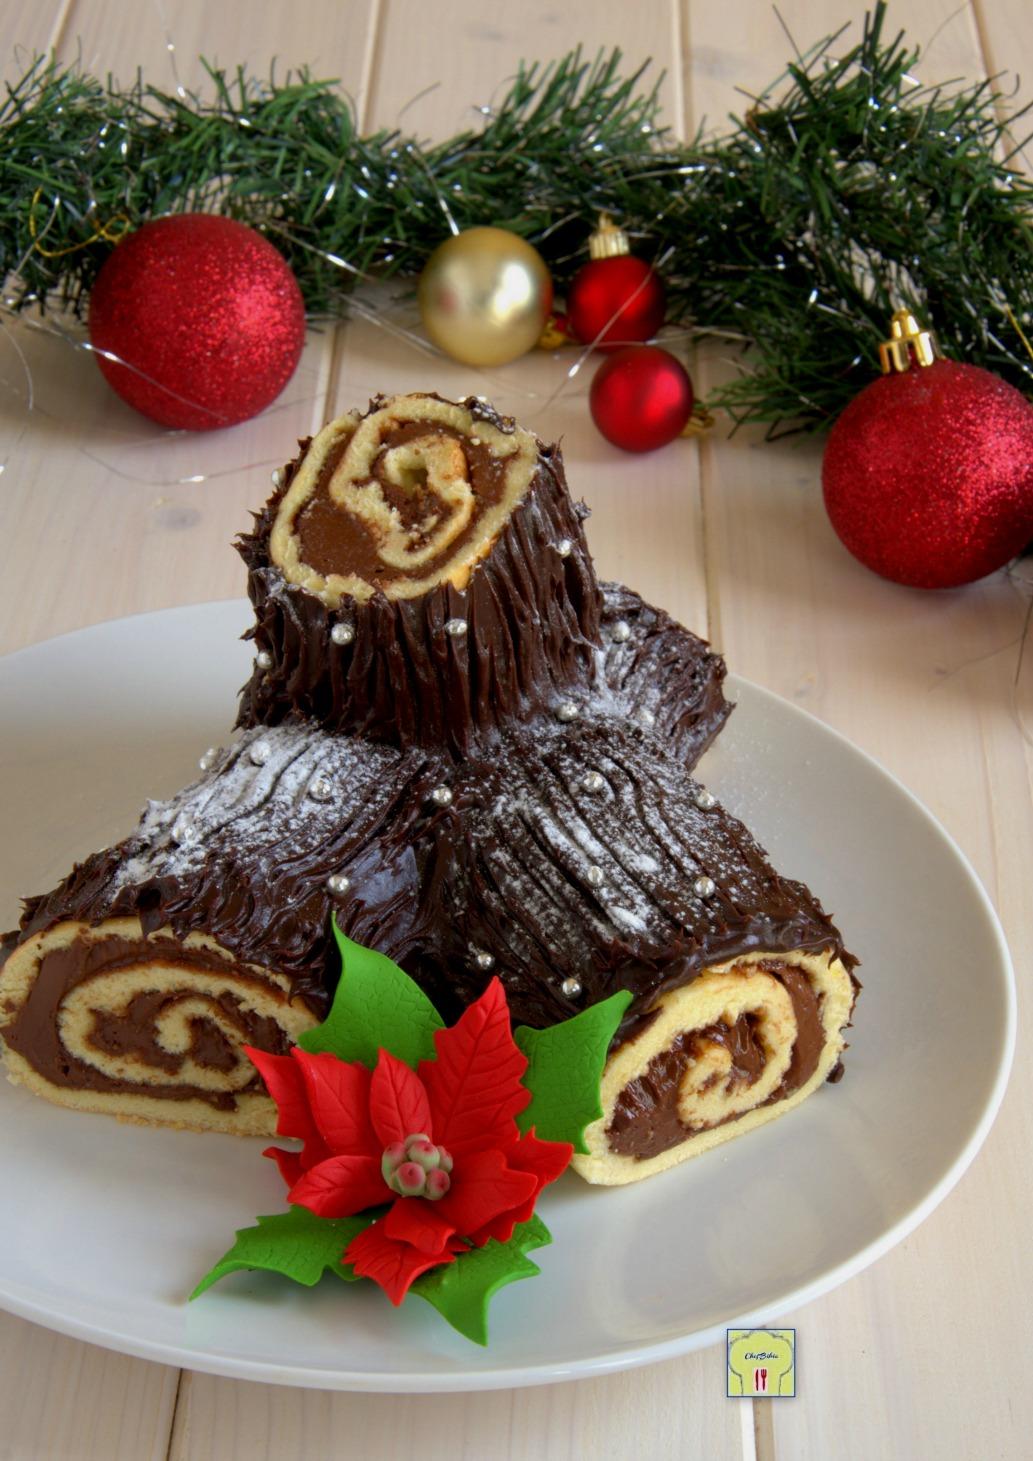 Tronchetto Di Natale.Tronchetto Di Natale Alla Nutella Ricette Di Natale Golose